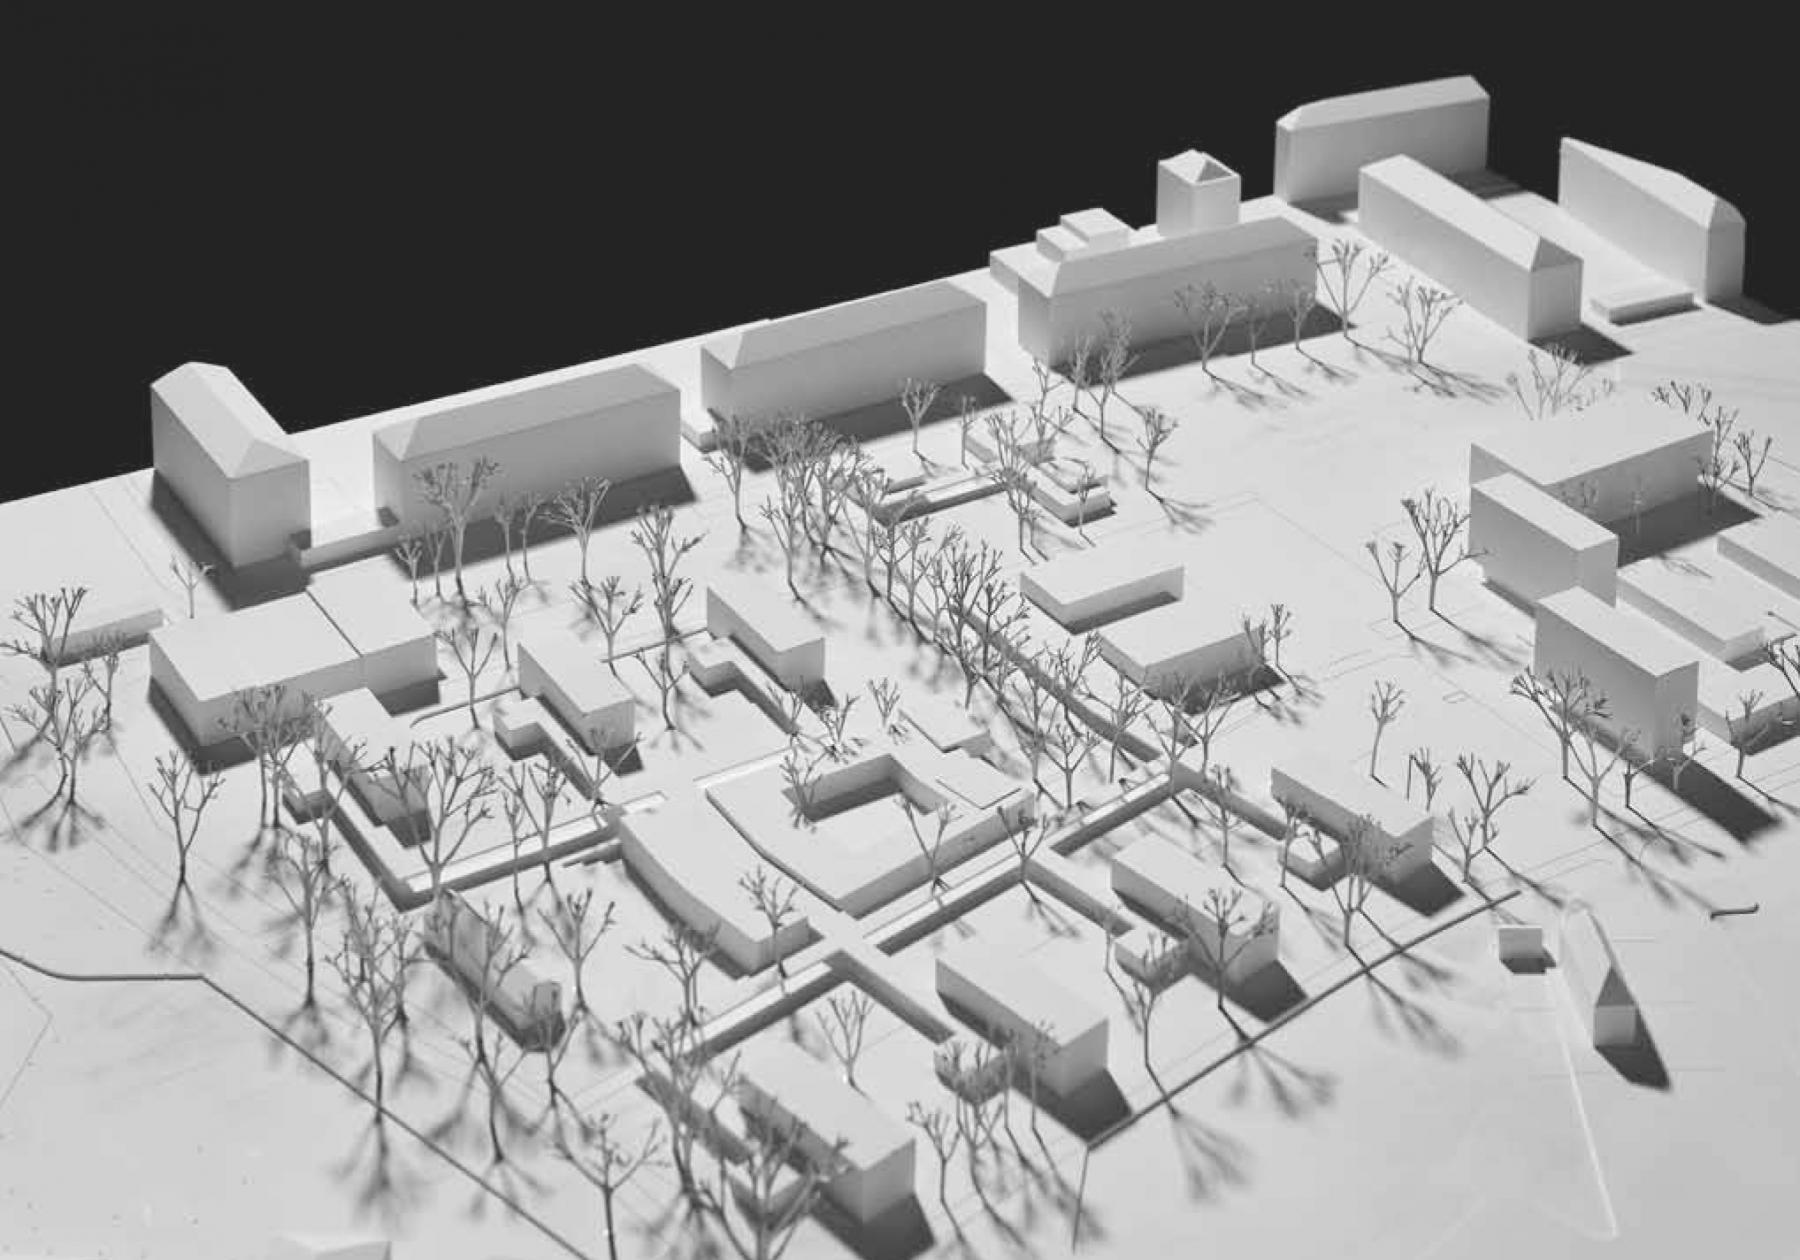 Erweiterung Primarschule Wasgenring, Basel, Sven Richter Architekt, THE SAME BUT DIFFERENT